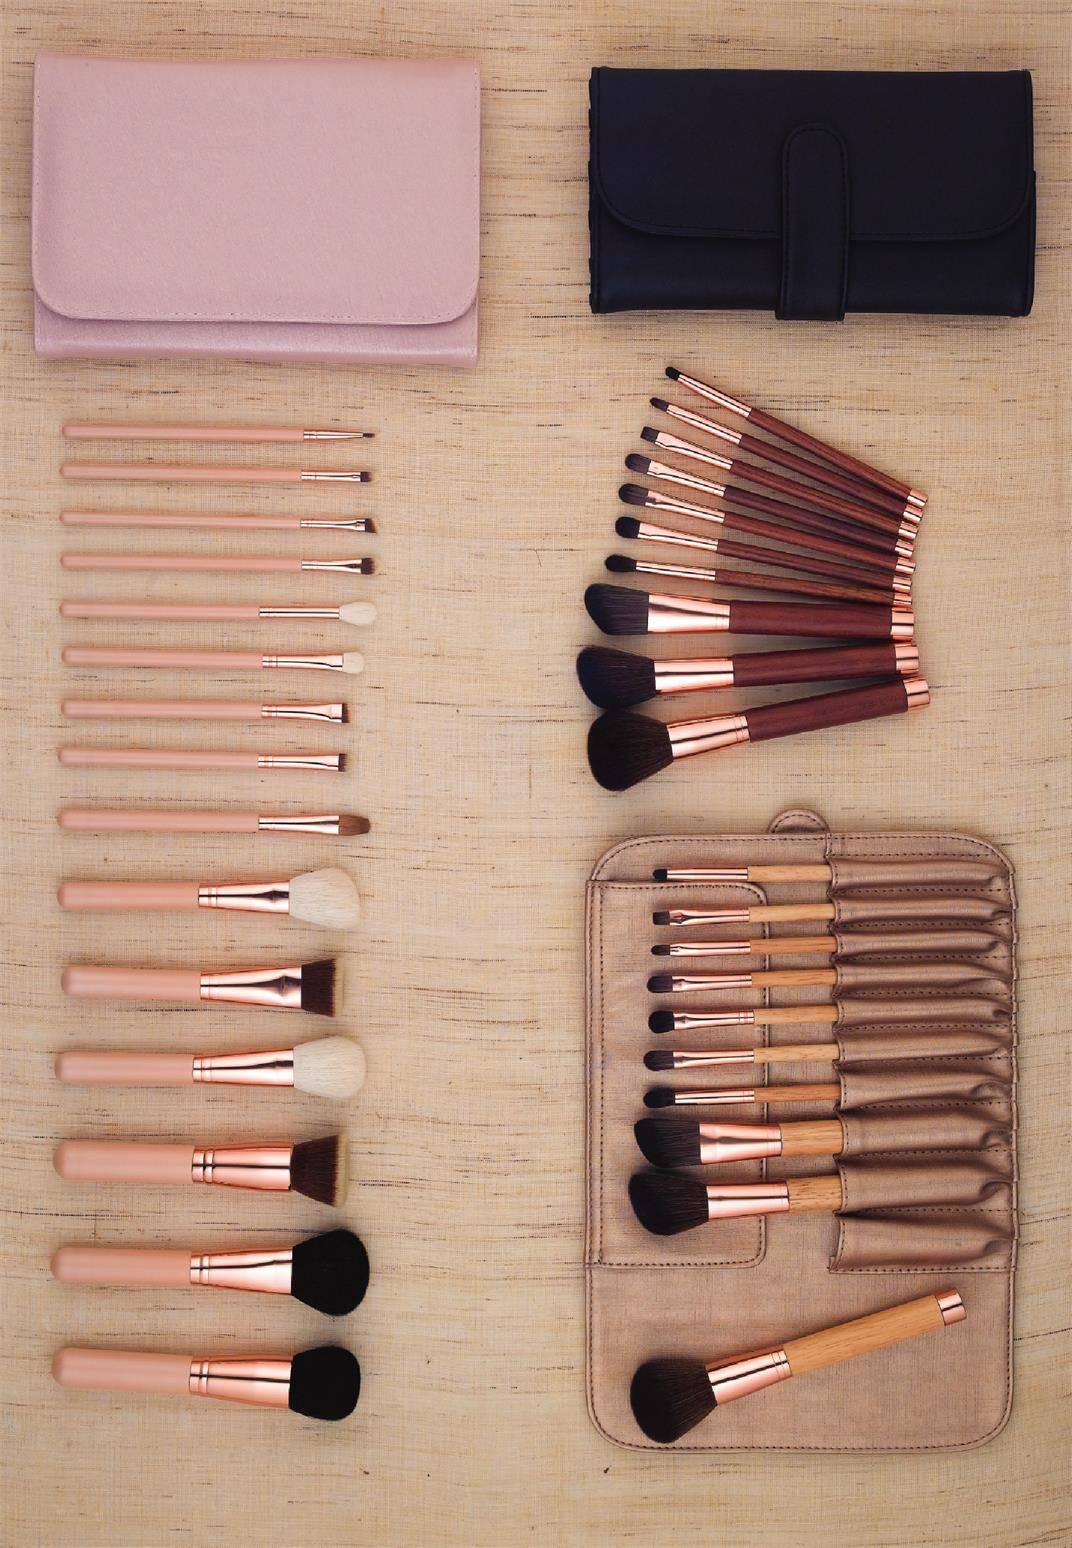 15pcs Professional Wood Makeup Brush Set Foundation Brushes Makeup Brushes